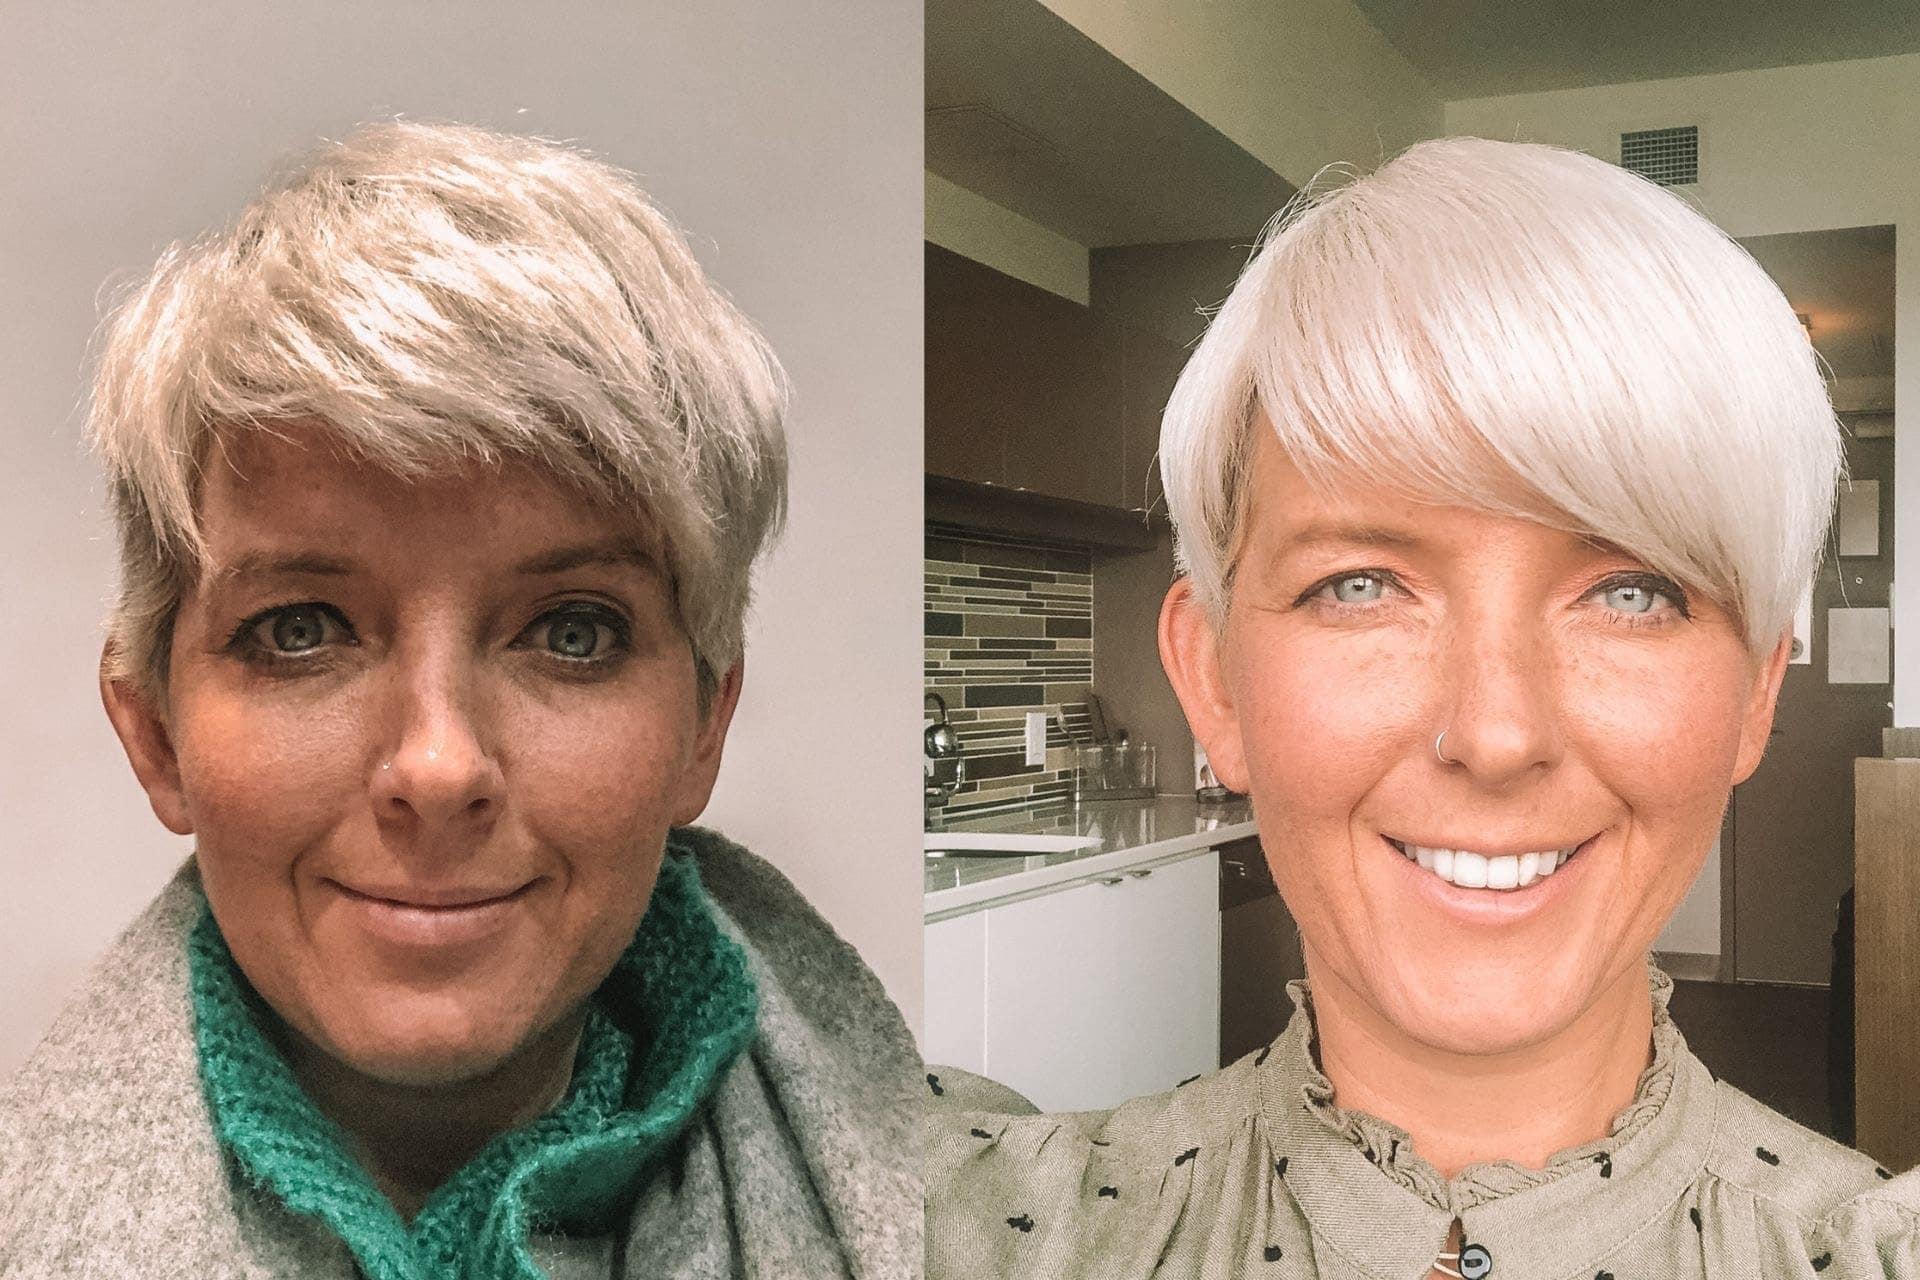 Khairpep-healthy-hair